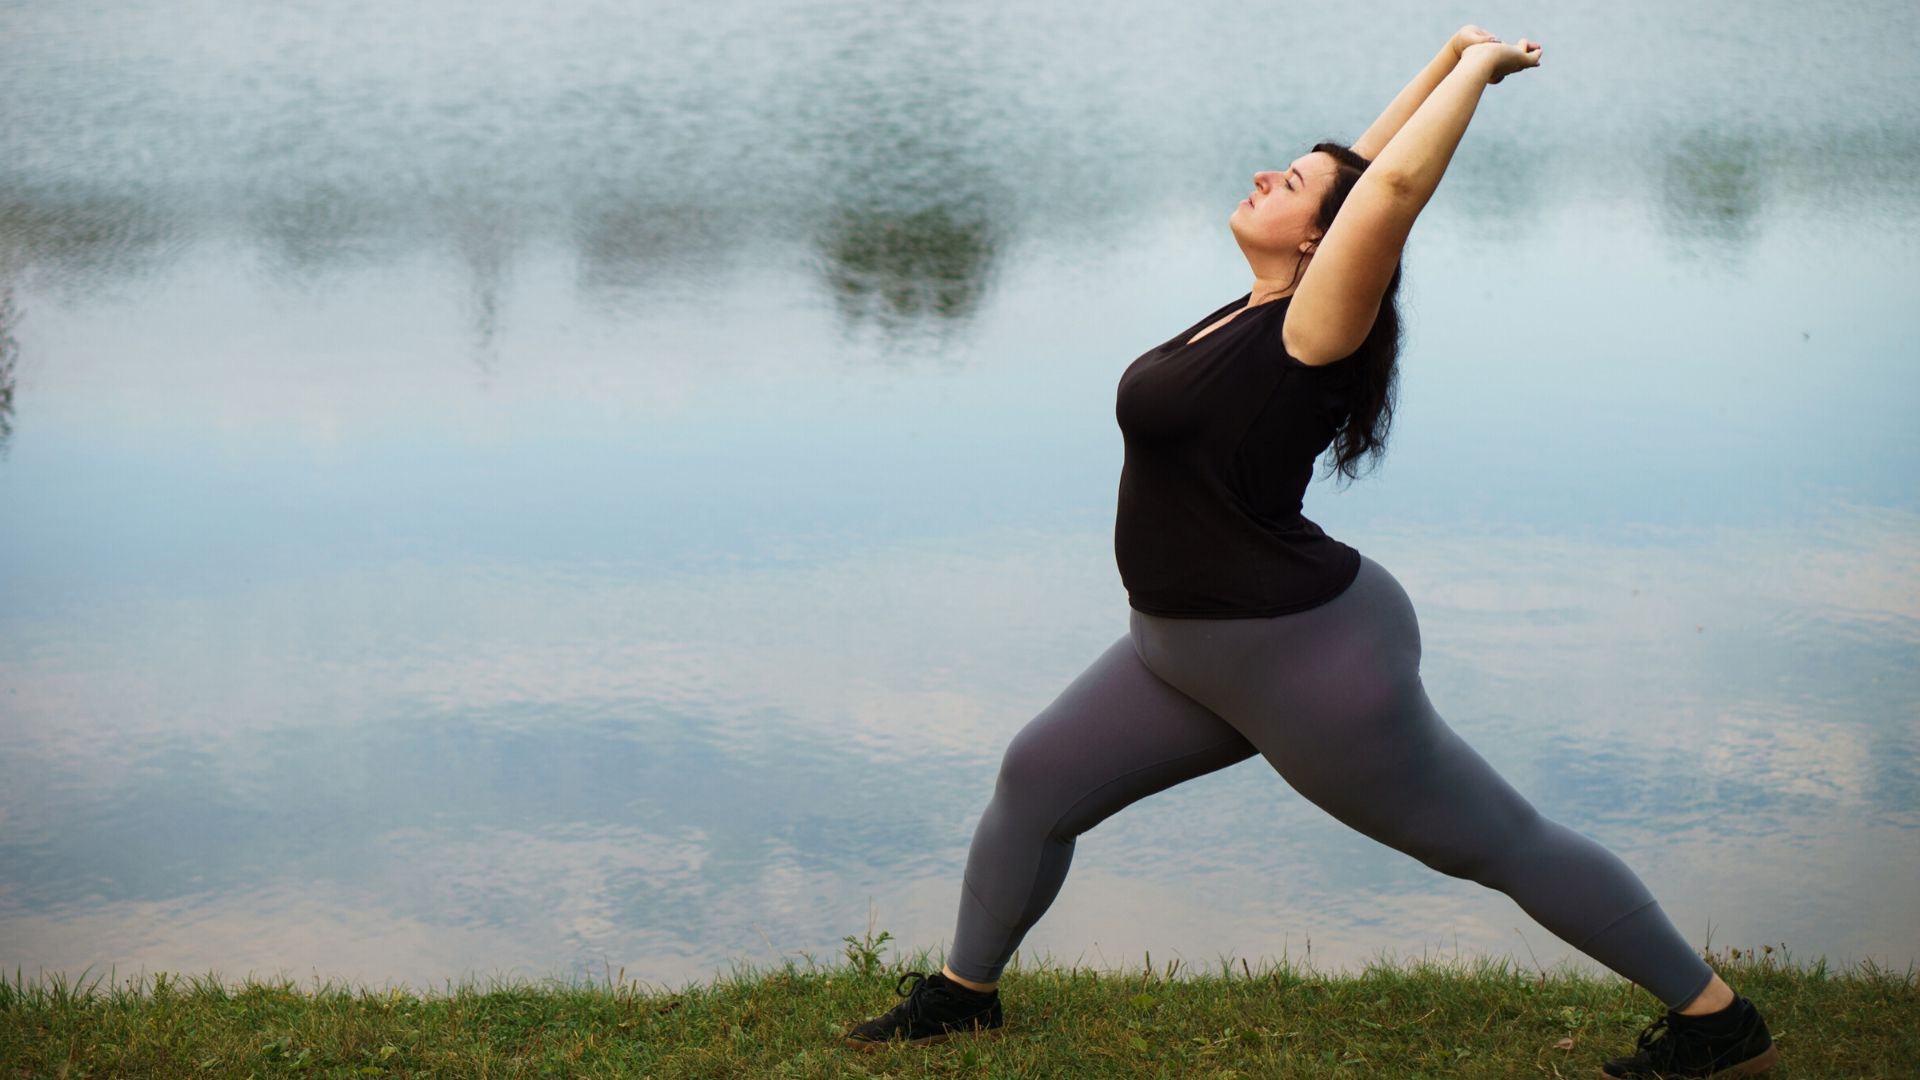 En cas de surpoids l'hygiène de vie est importante. Il est possible de  maigrir sans régime